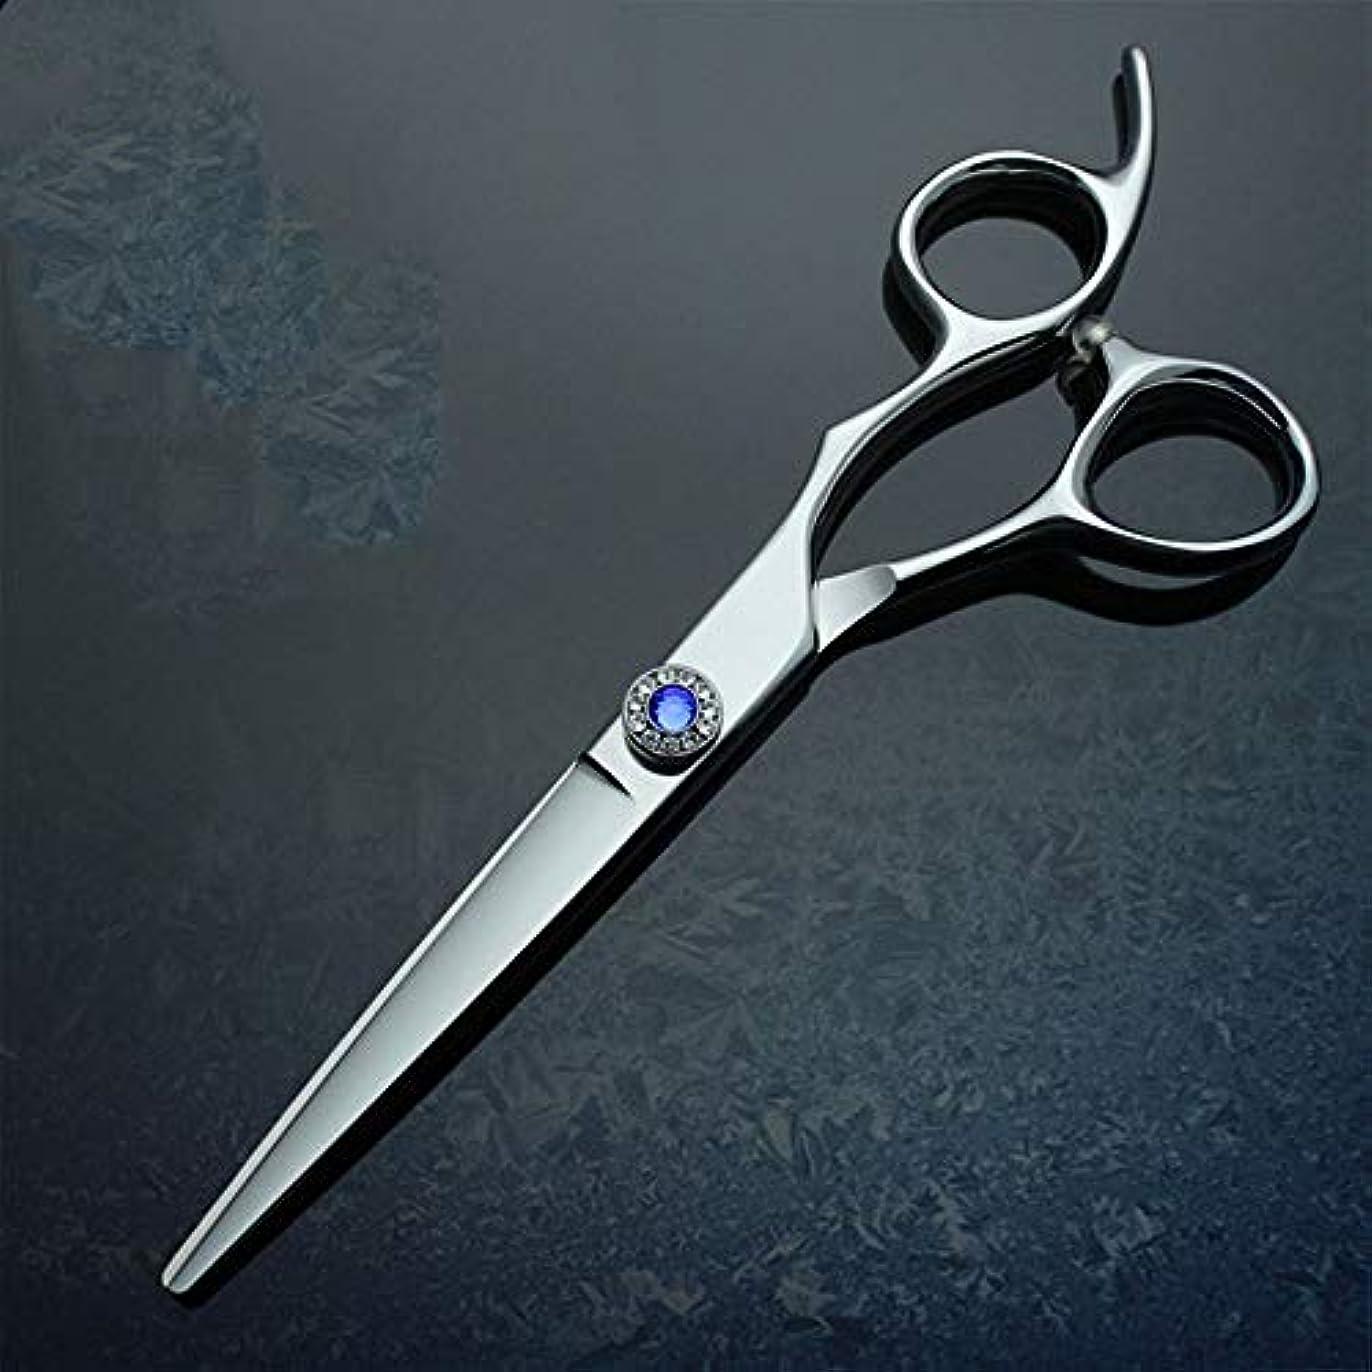 馬力十代ネーピア6インチプロフェッショナルはさみ高級パイプハンドル440C理髪はさみフラットせん断 ヘアケア (色 : 青)